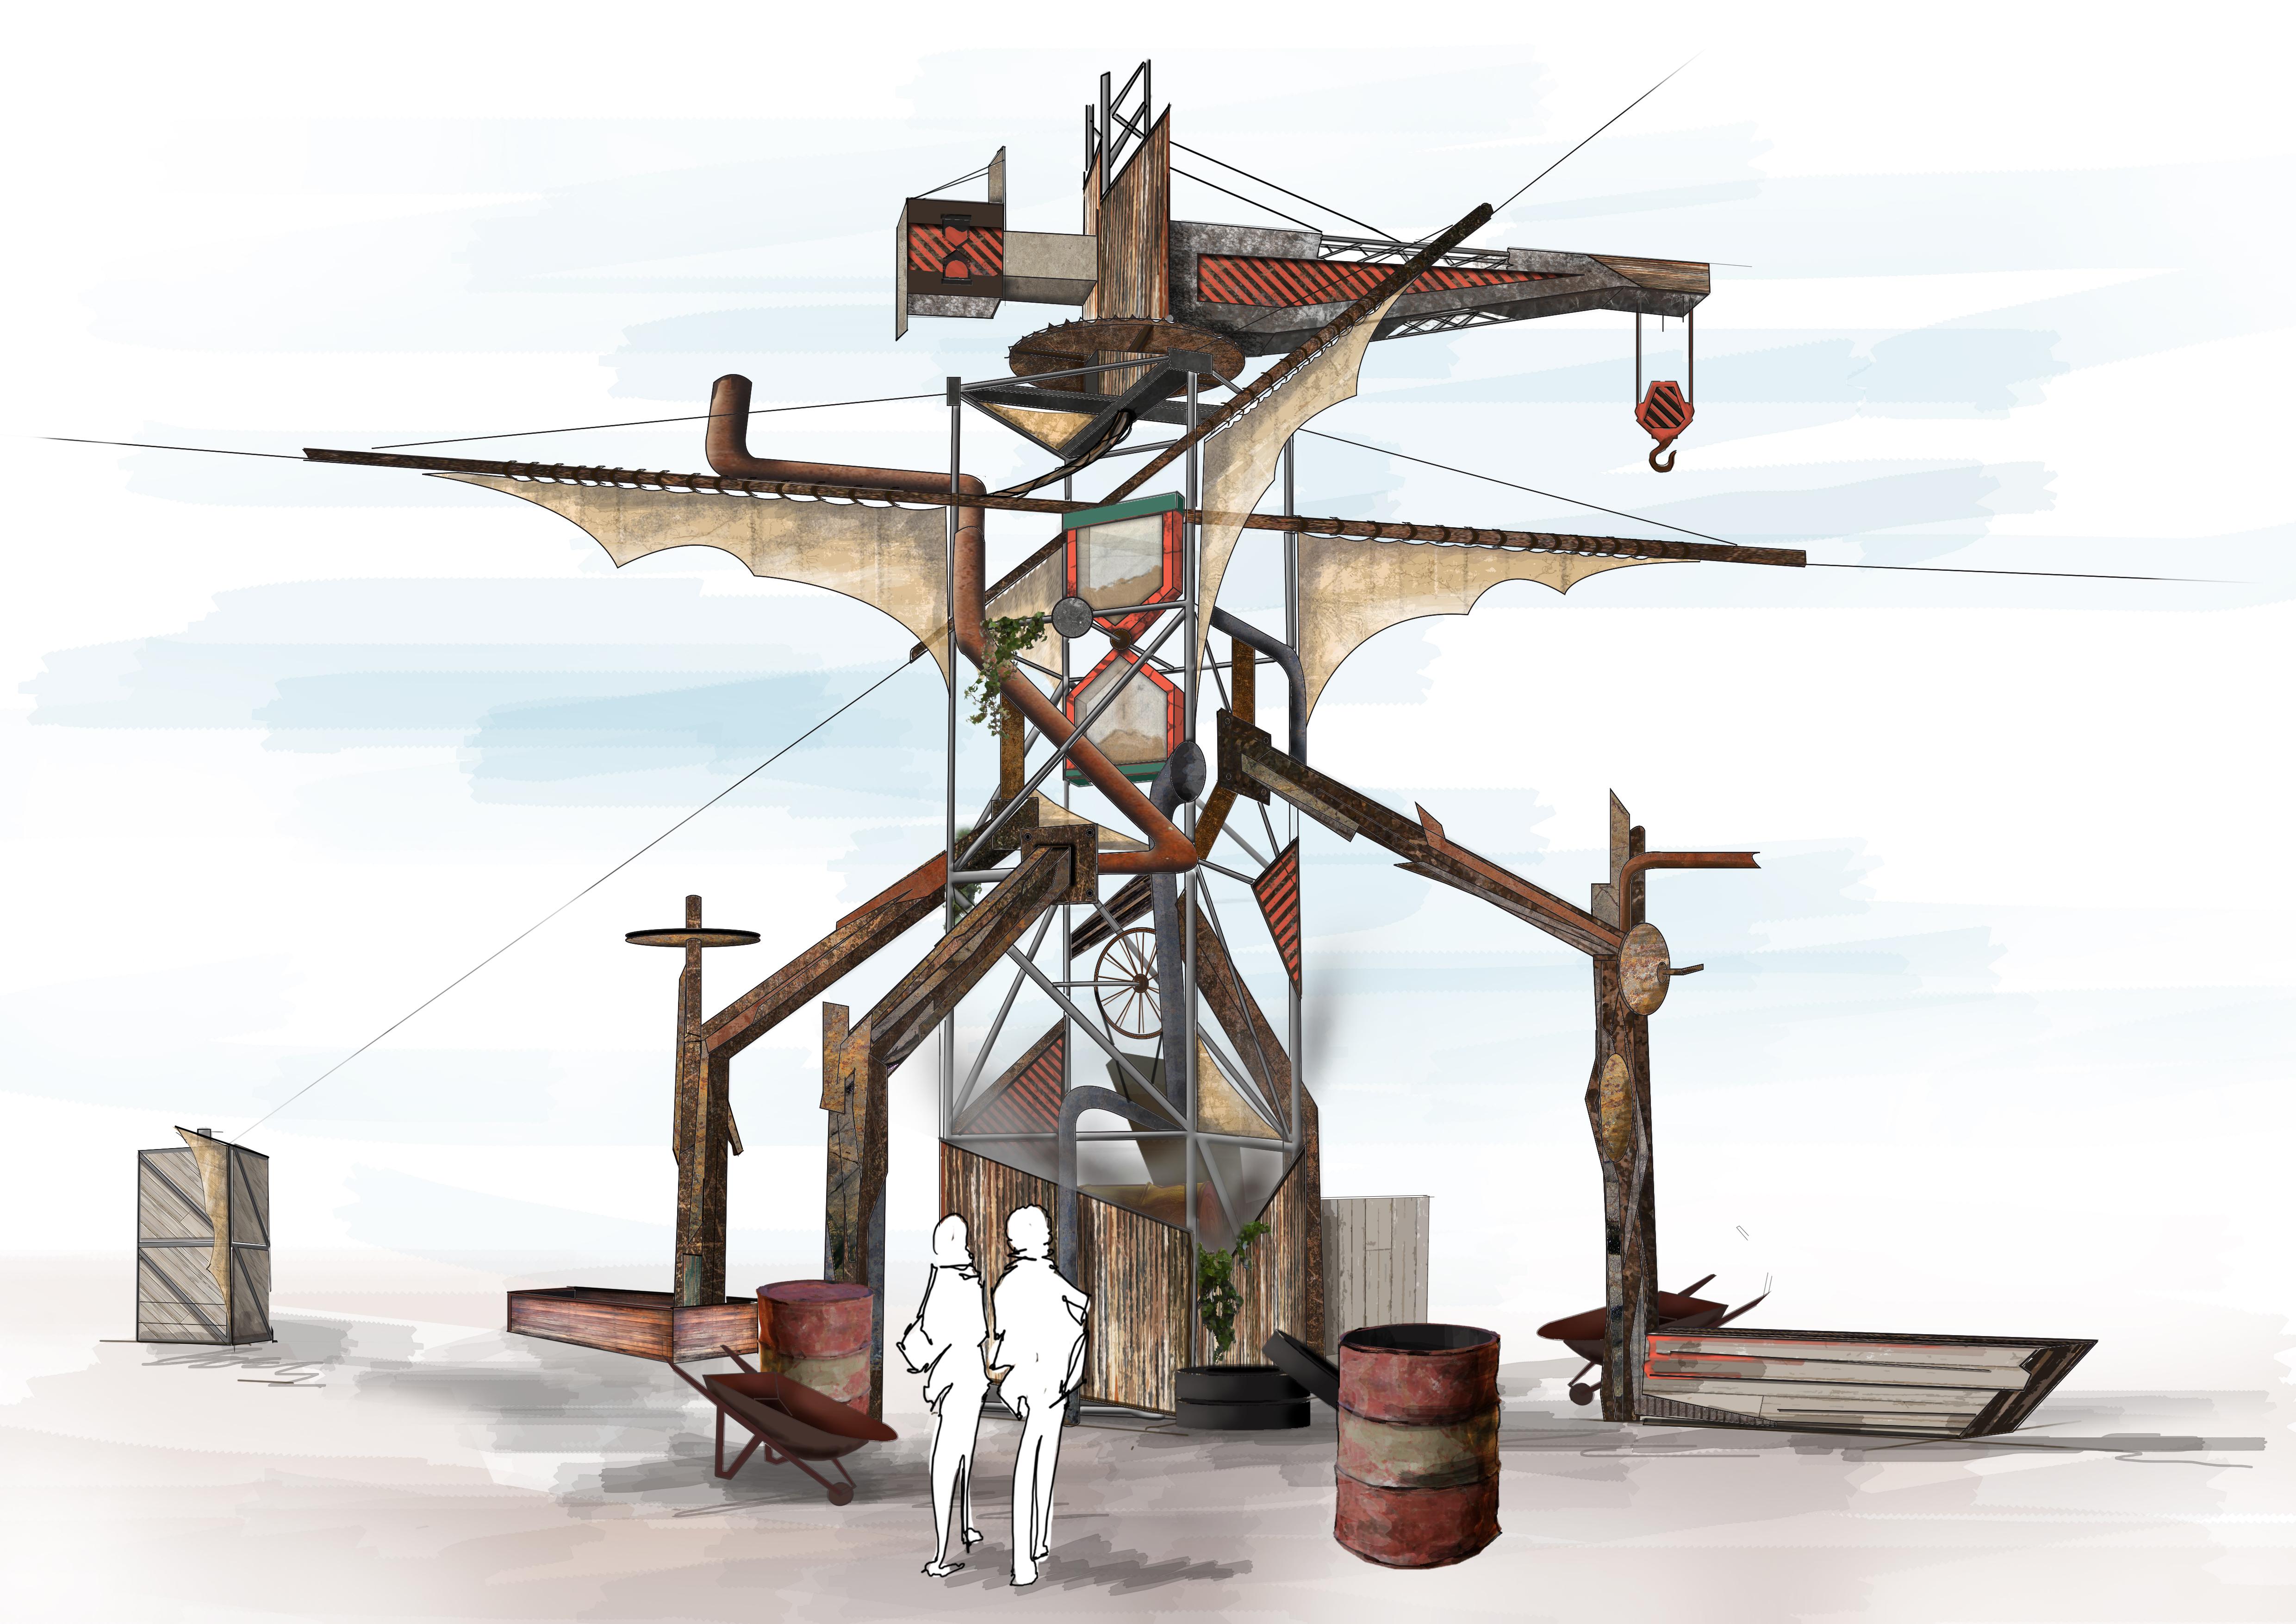 Ploegendienst 2019 - Terrain tower design